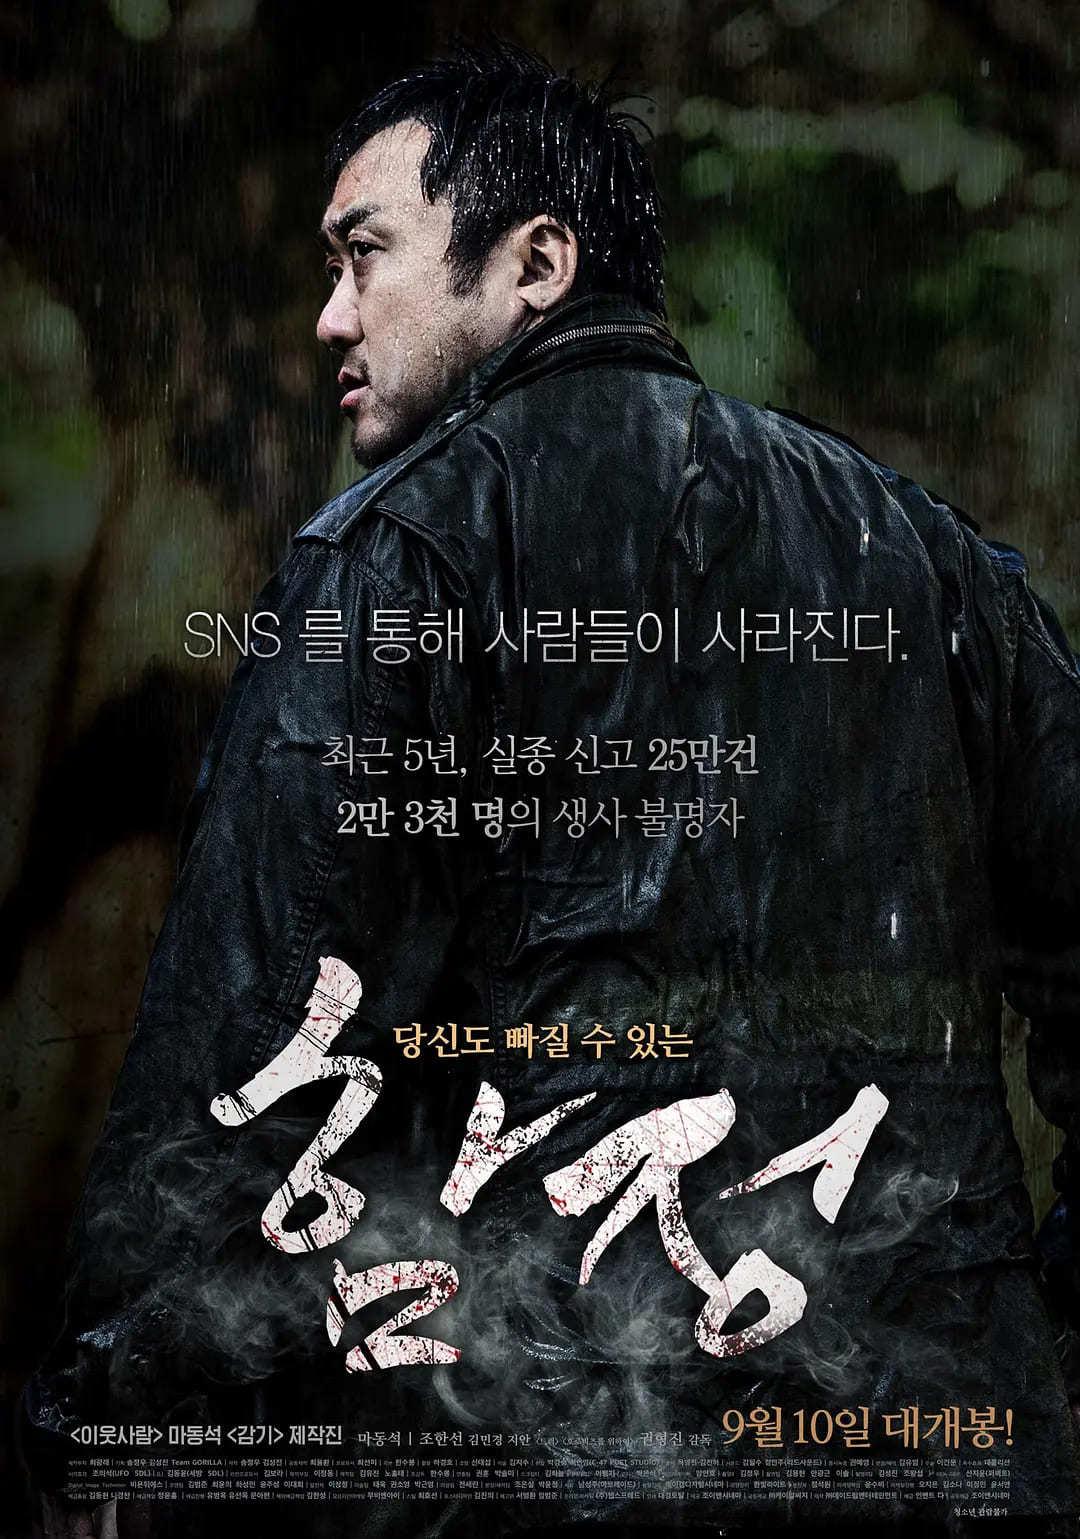 韩国犯罪电影《暗网杀机》具有换妻概念专门坑杀游客的黑店 (1)